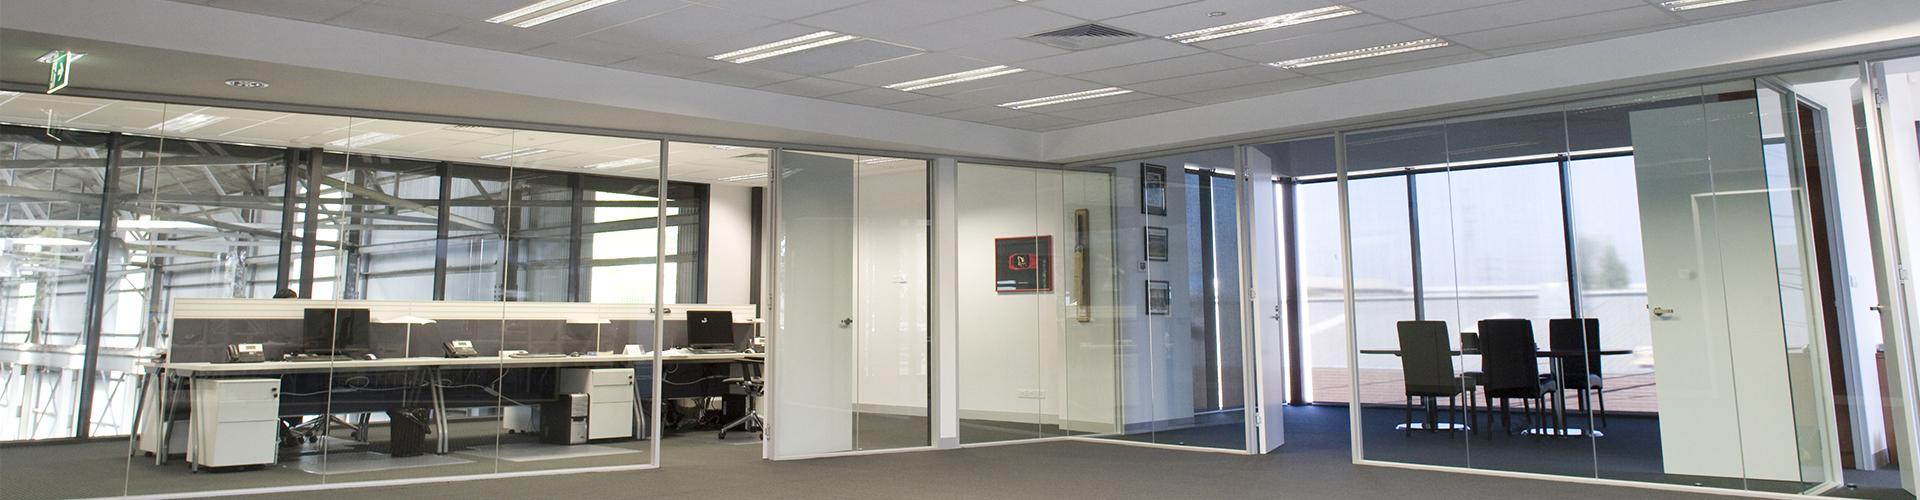 Building Supplies Melbourne